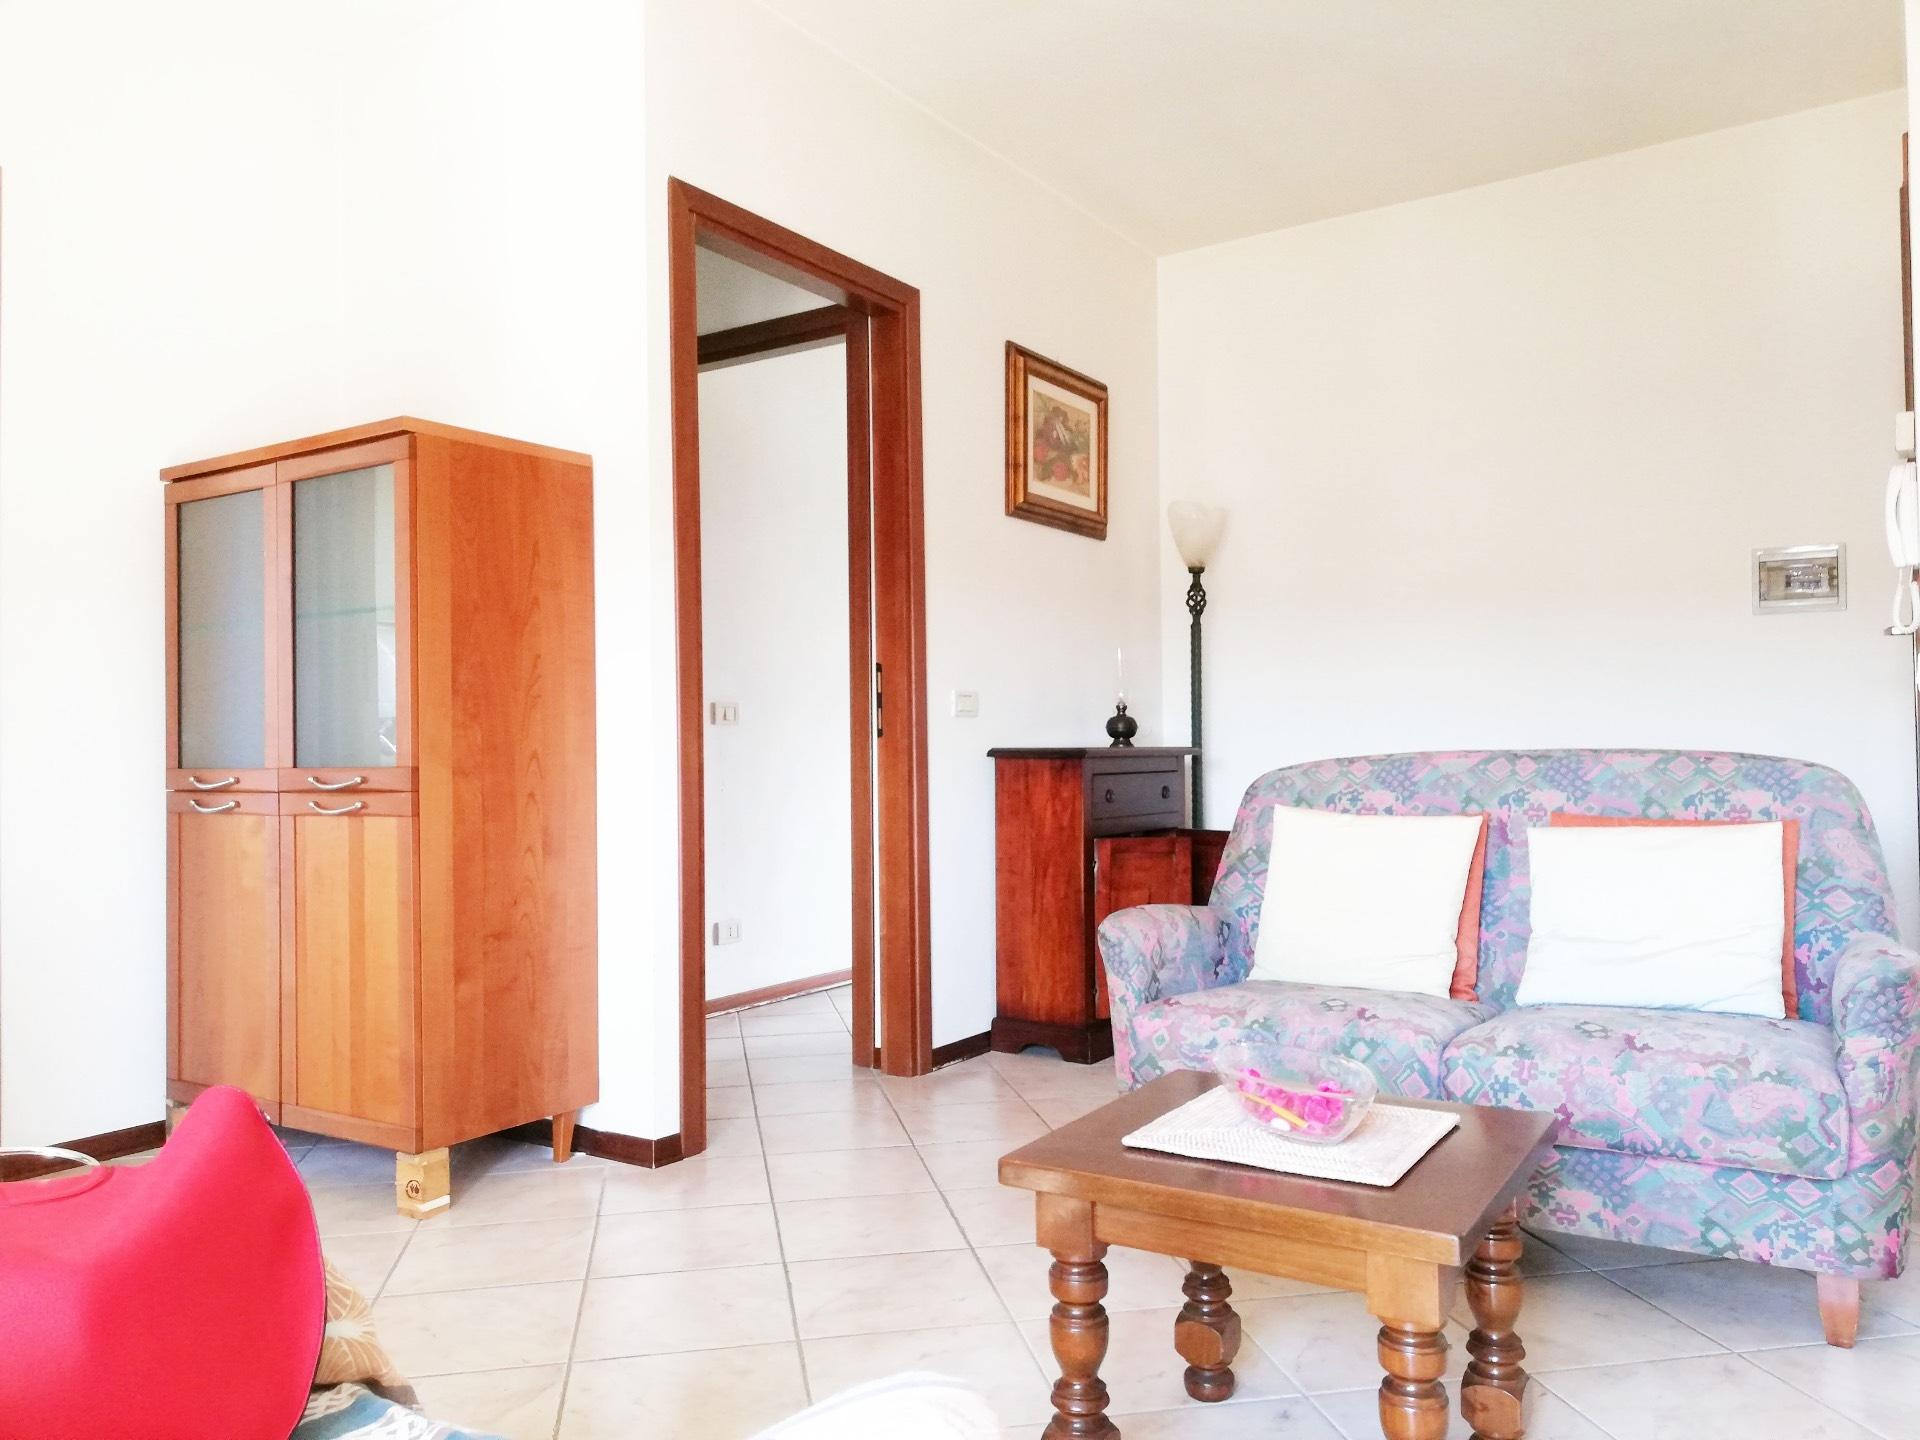 Appartamento in affitto a Santa Maria a Monte, 4 locali, zona Località: Montecalvoliinalto, prezzo € 450   CambioCasa.it